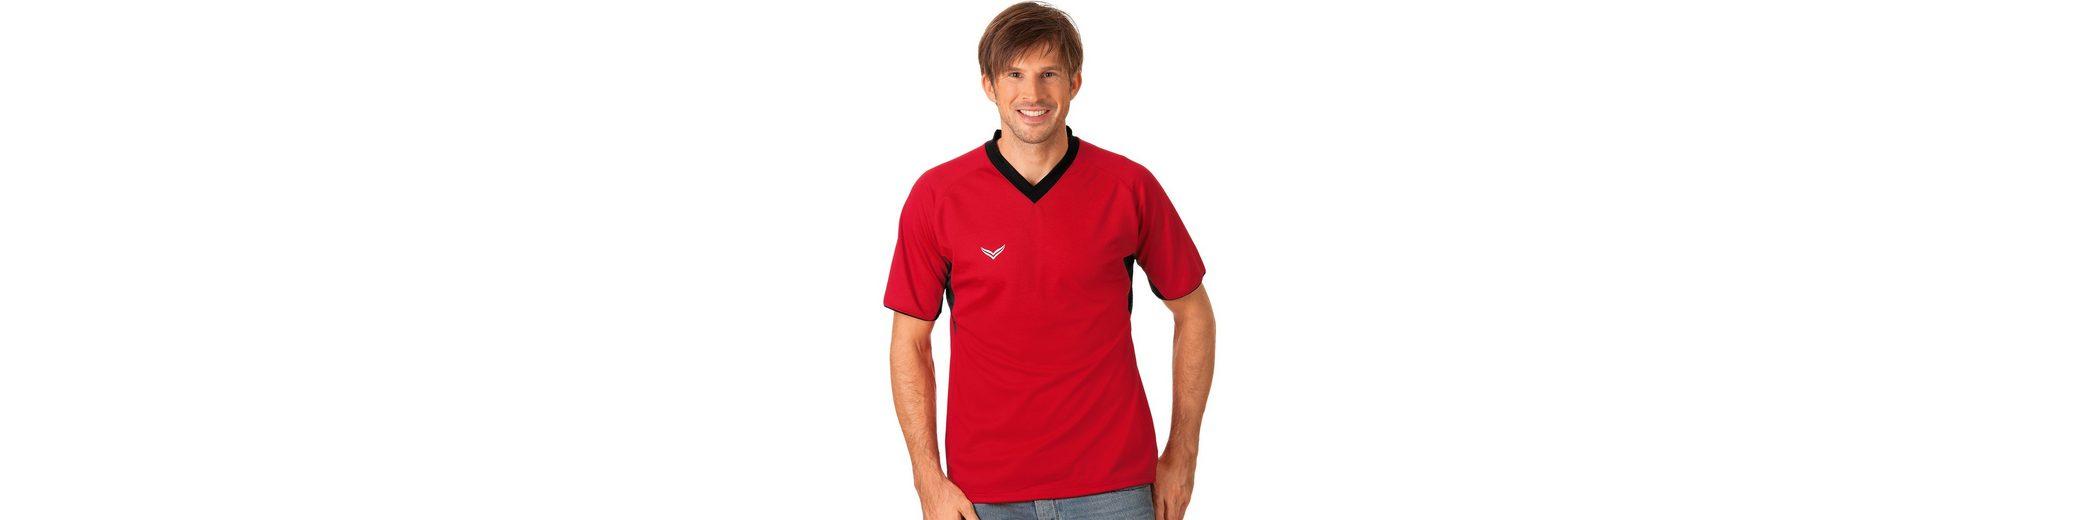 Erhalten Zum Verkauf Versand Outlet-Store Online TRIGEMA Raglan-Sportshirt Zuverlässige Online HV3Oss7Gk2